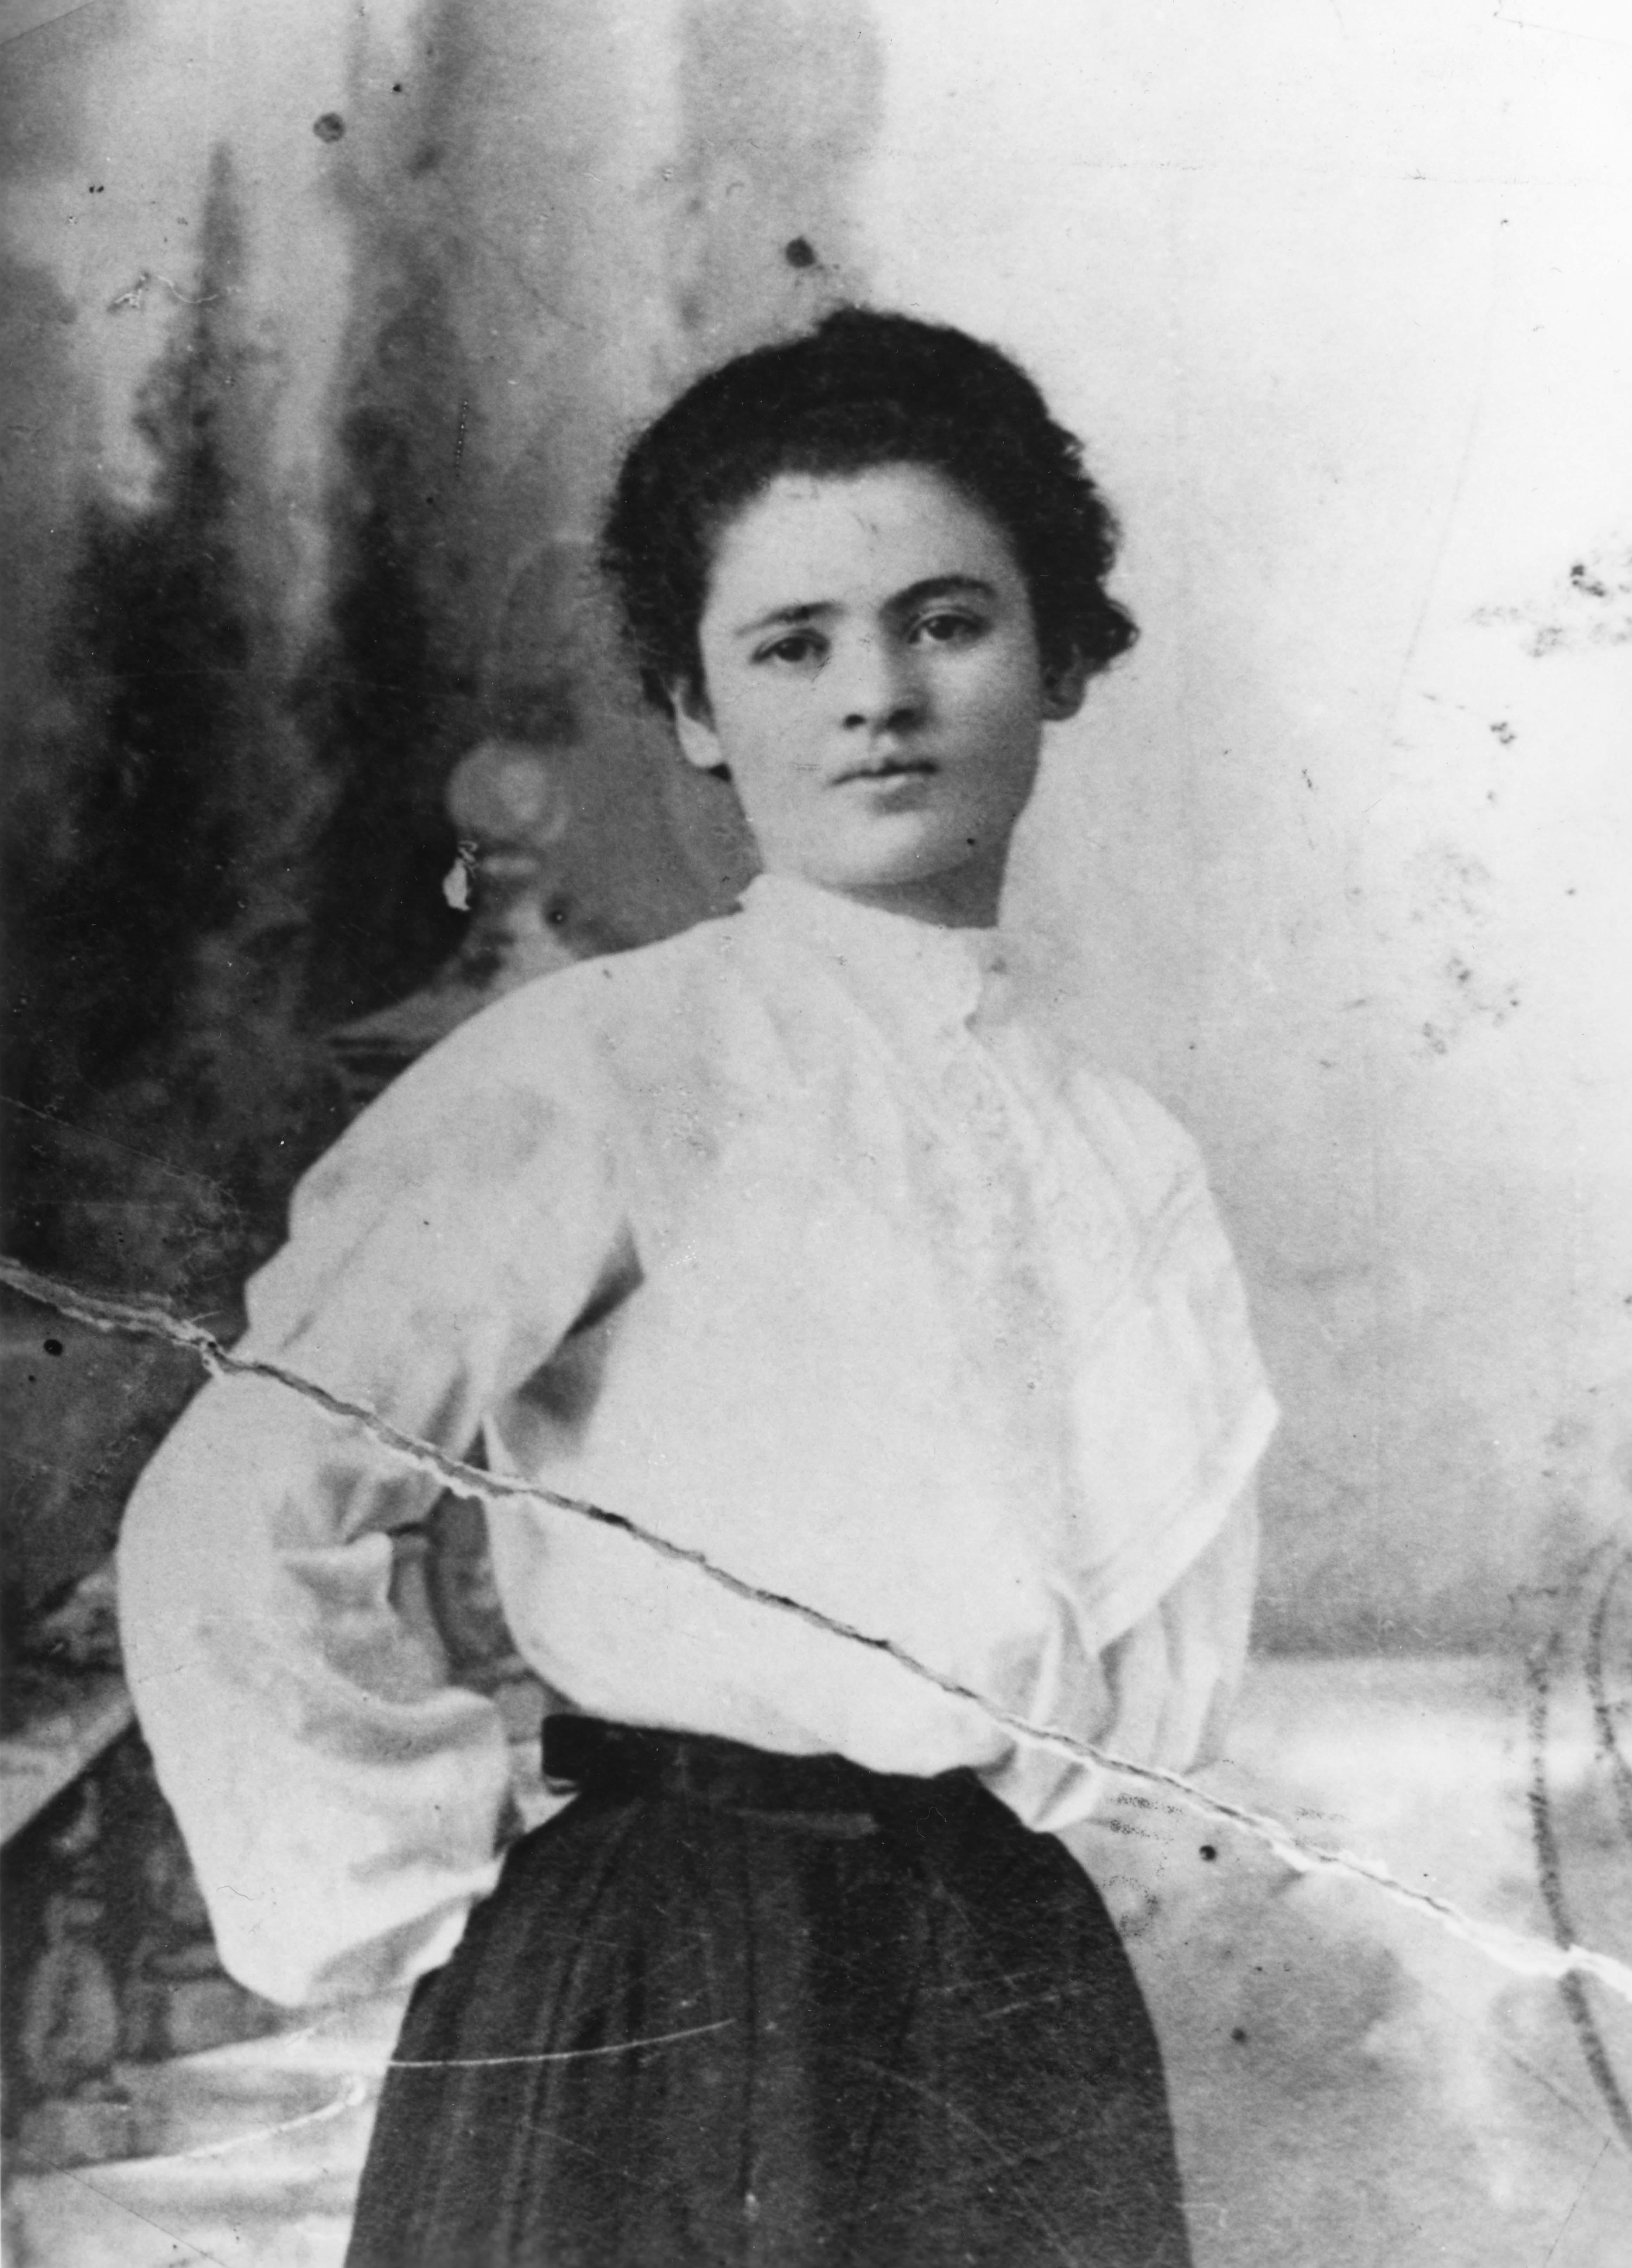 Clara Lemlich, 1910